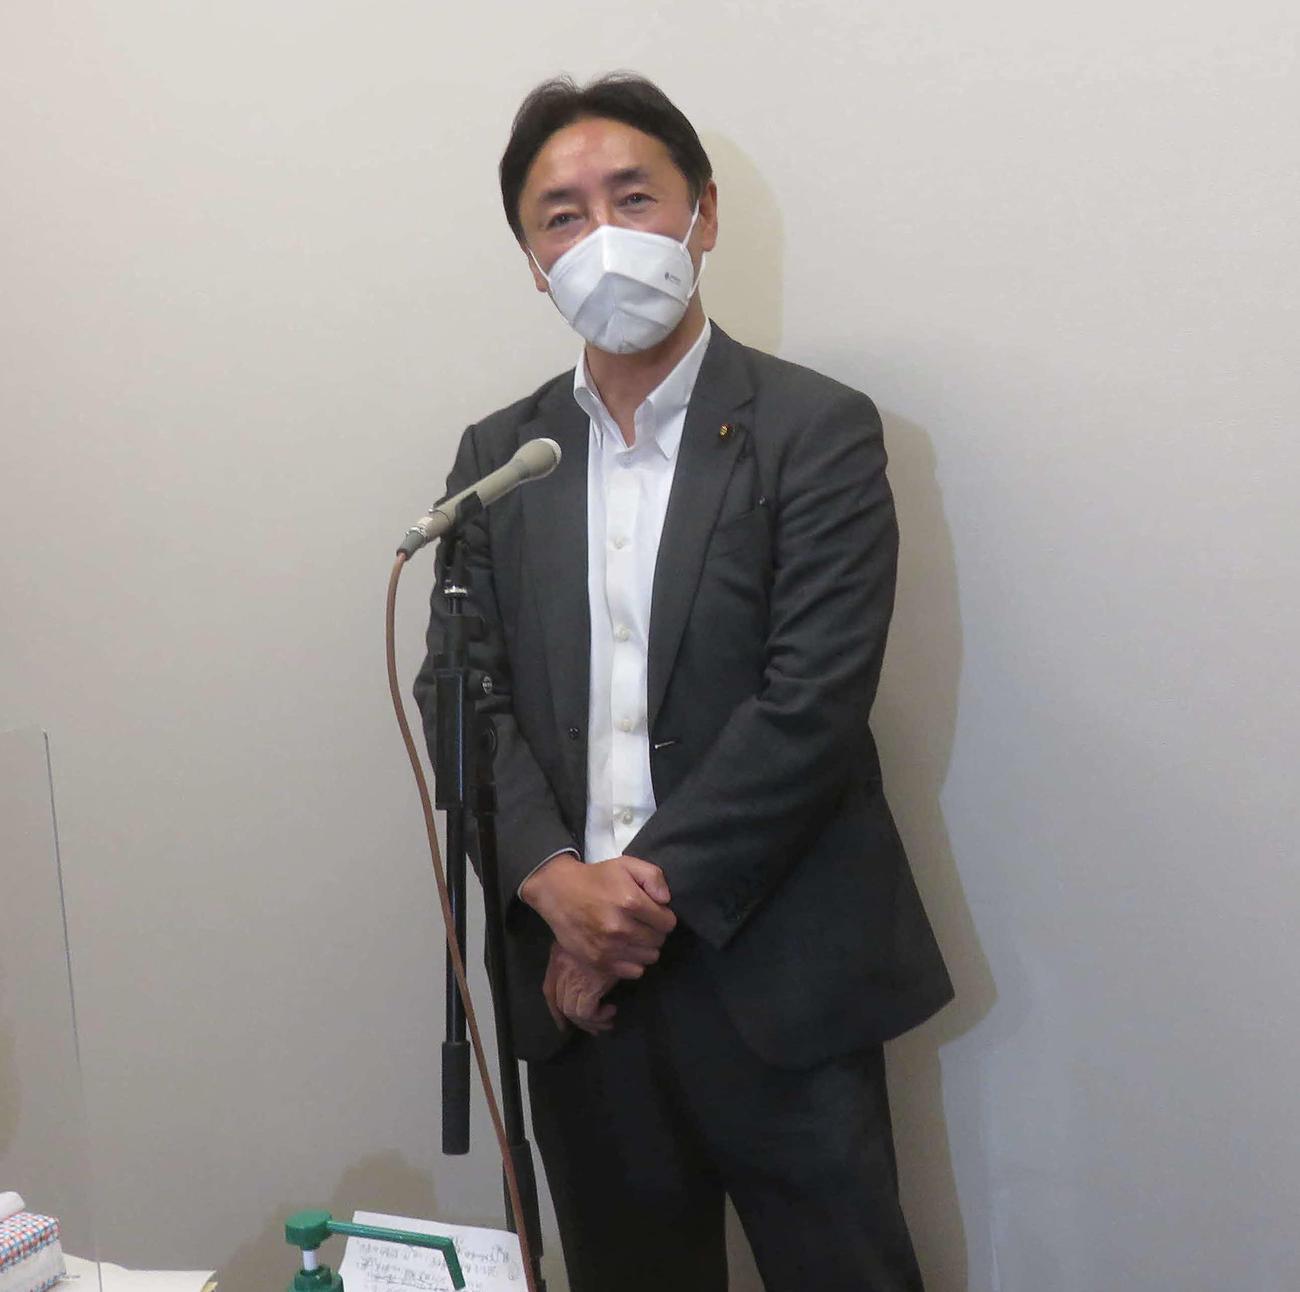 後藤田正純衆院議員は、次期衆院選で非公認を求めた自民党徳島県連の主張を批判し、徹底抗戦の構えだ(撮影・大上悟)